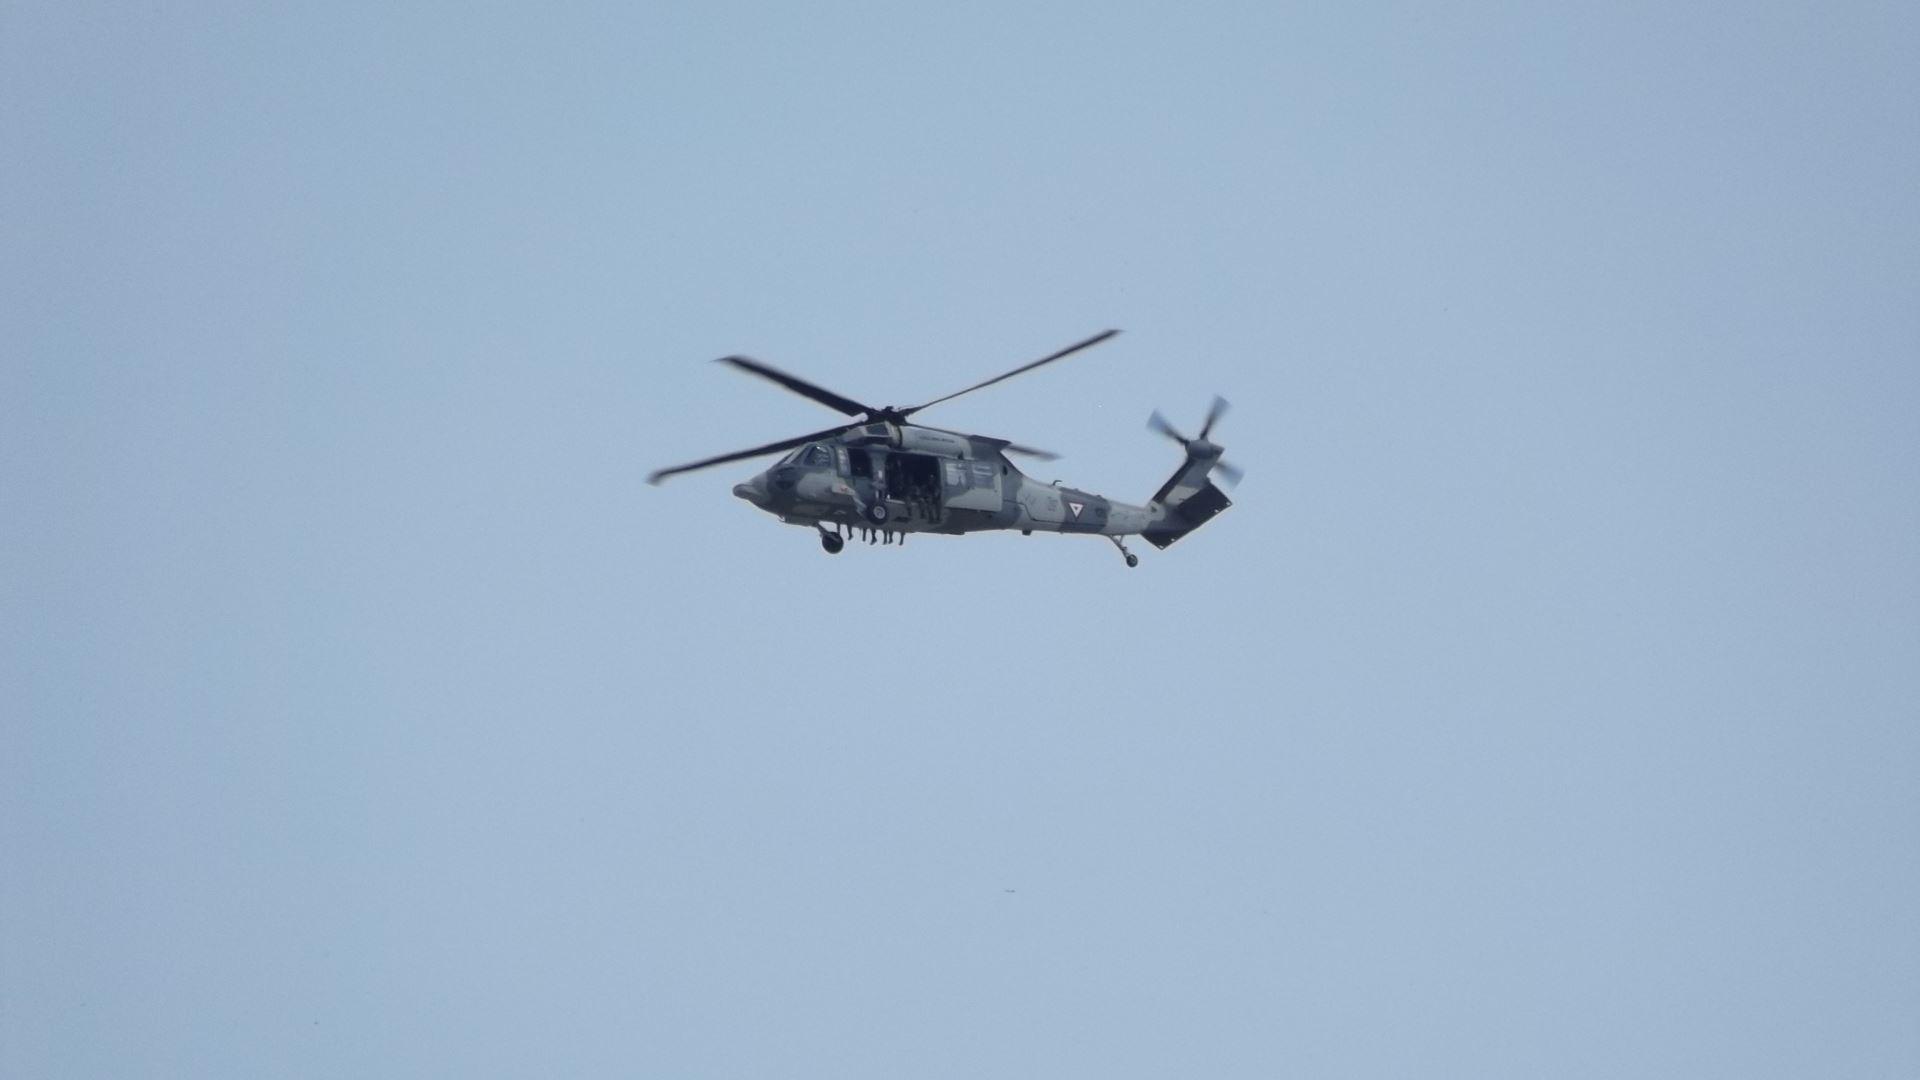 SOBREVUELA. Un helicóptero realizó sobrevuelos por toda la mancha urbana en busca de más unidades sospechosas, además de mantenerse alerta y a la expectativa en el espacio aéreo sobre las instalaciones de la PGR.